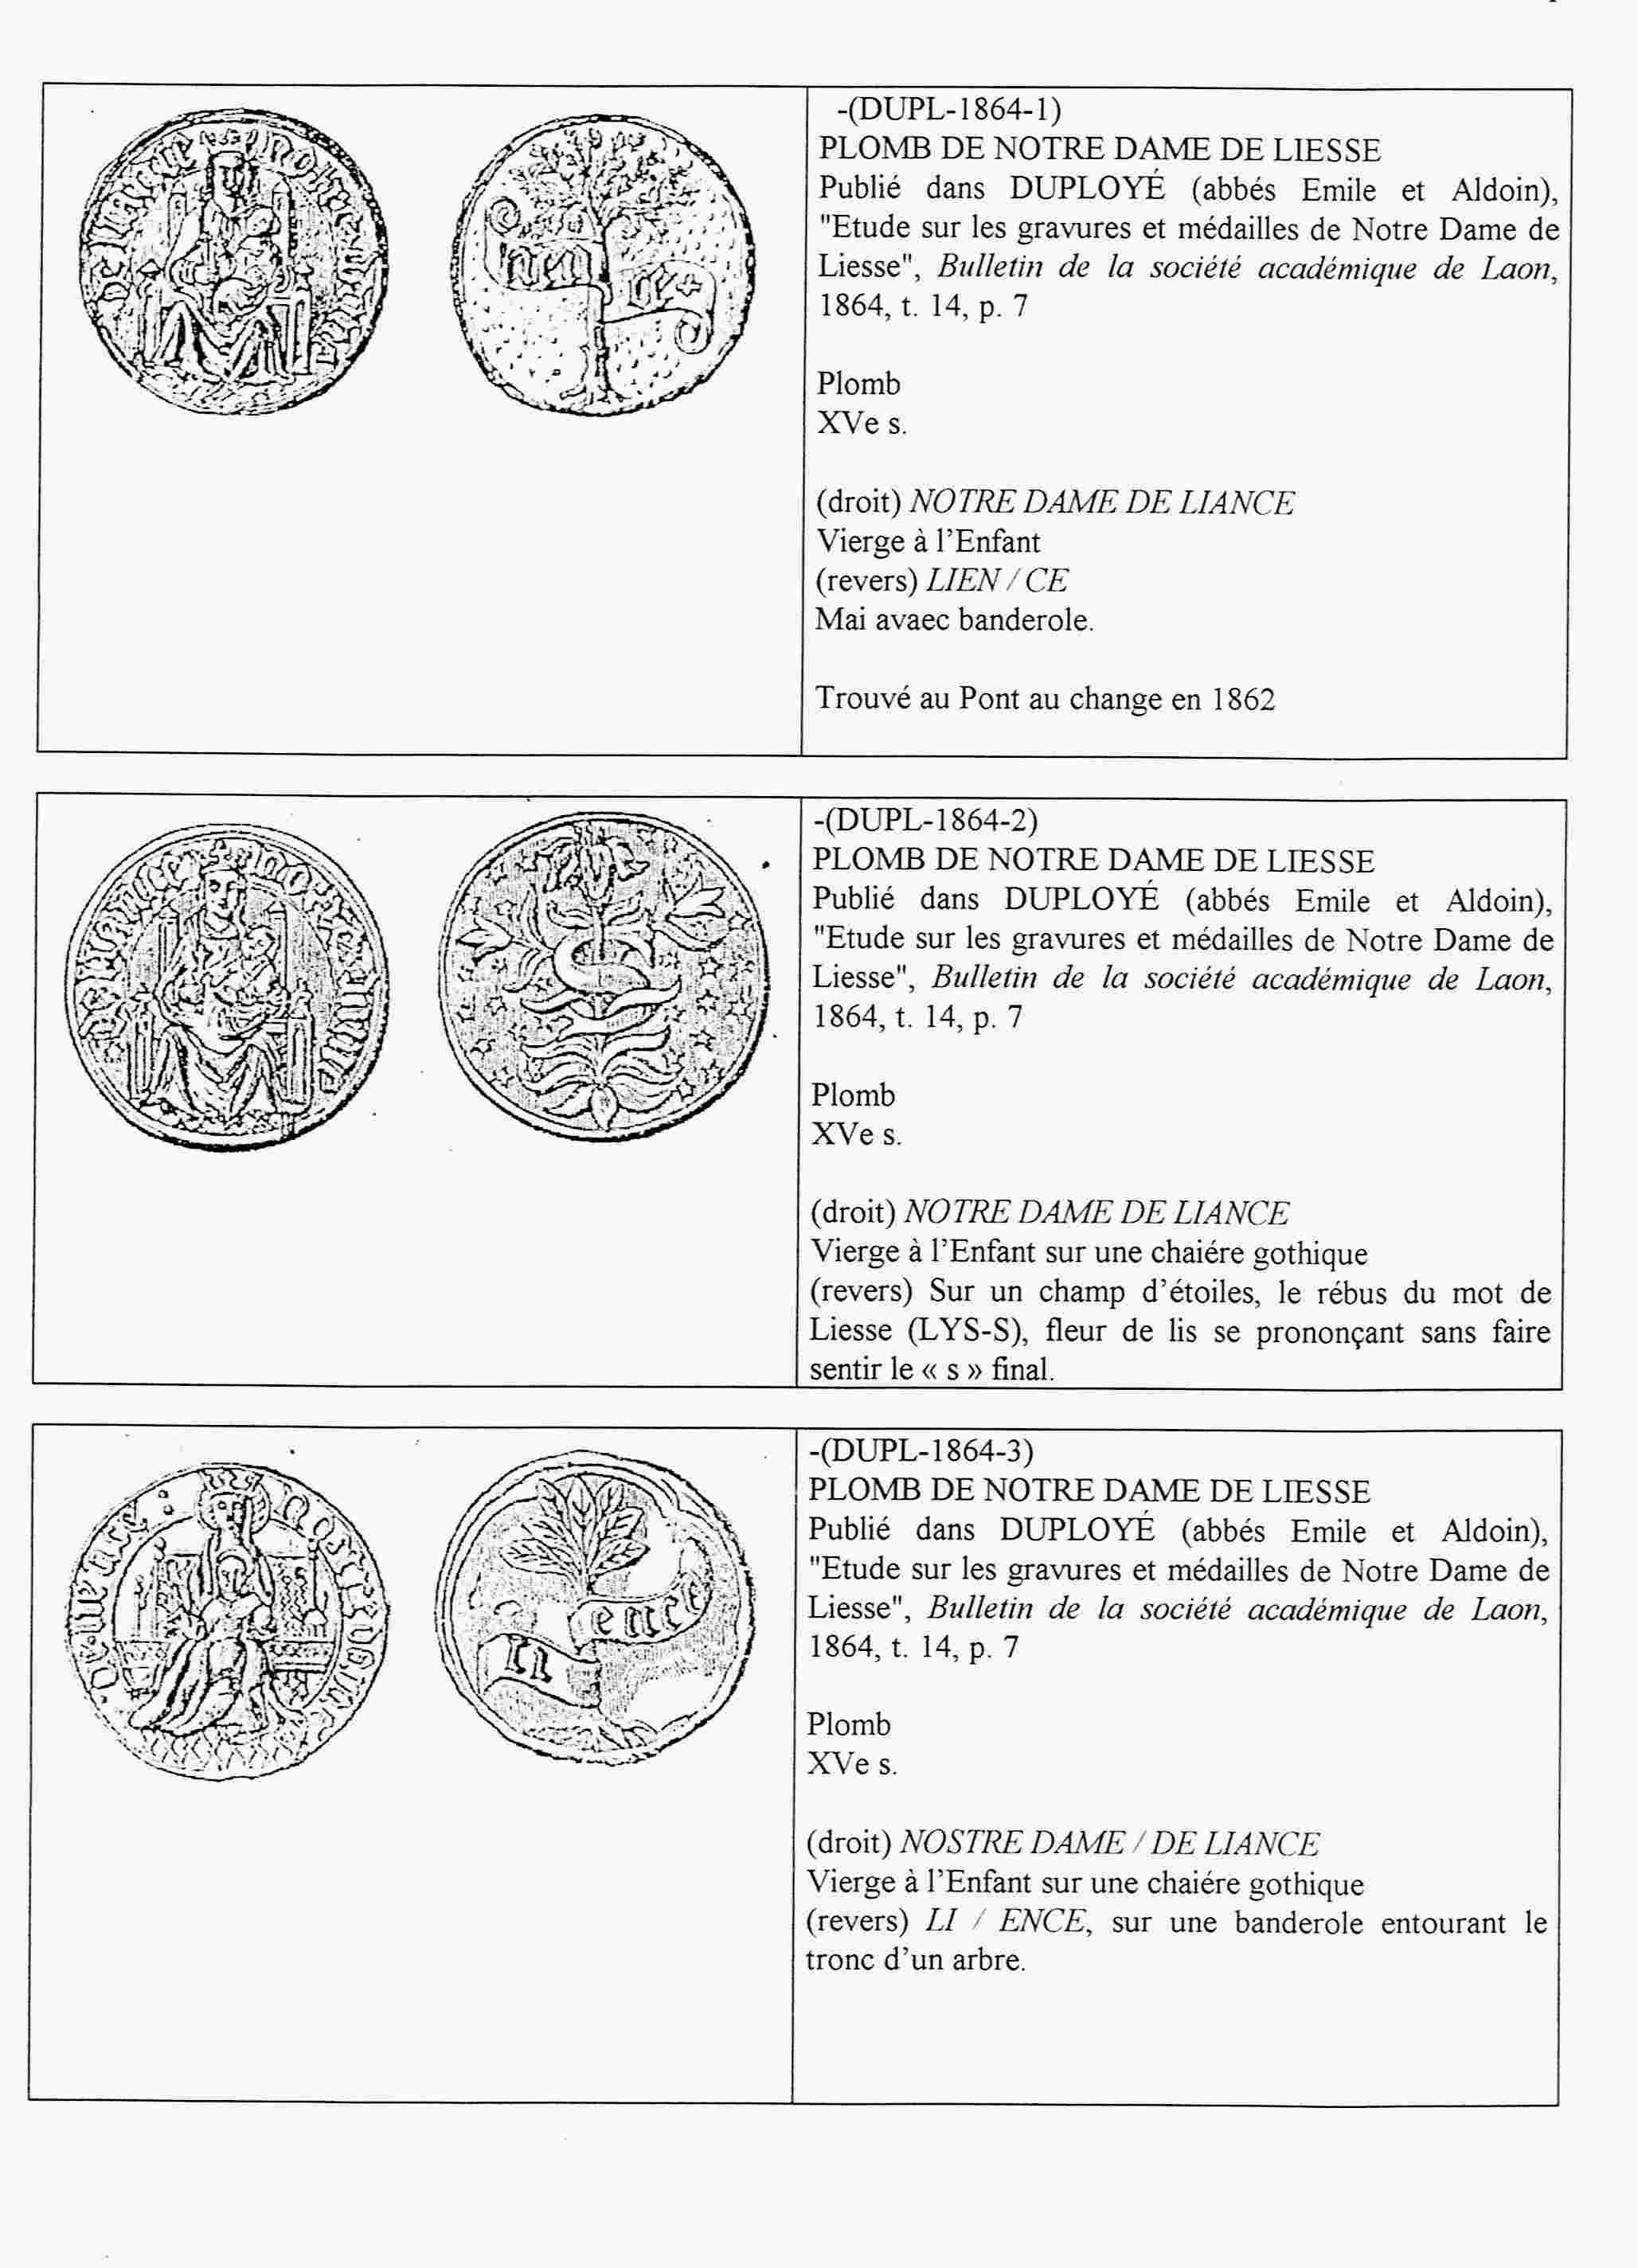 N. D. LIESSE/OTRAS ICOGRAFIAS. N.D. DU PUY. Liesse15